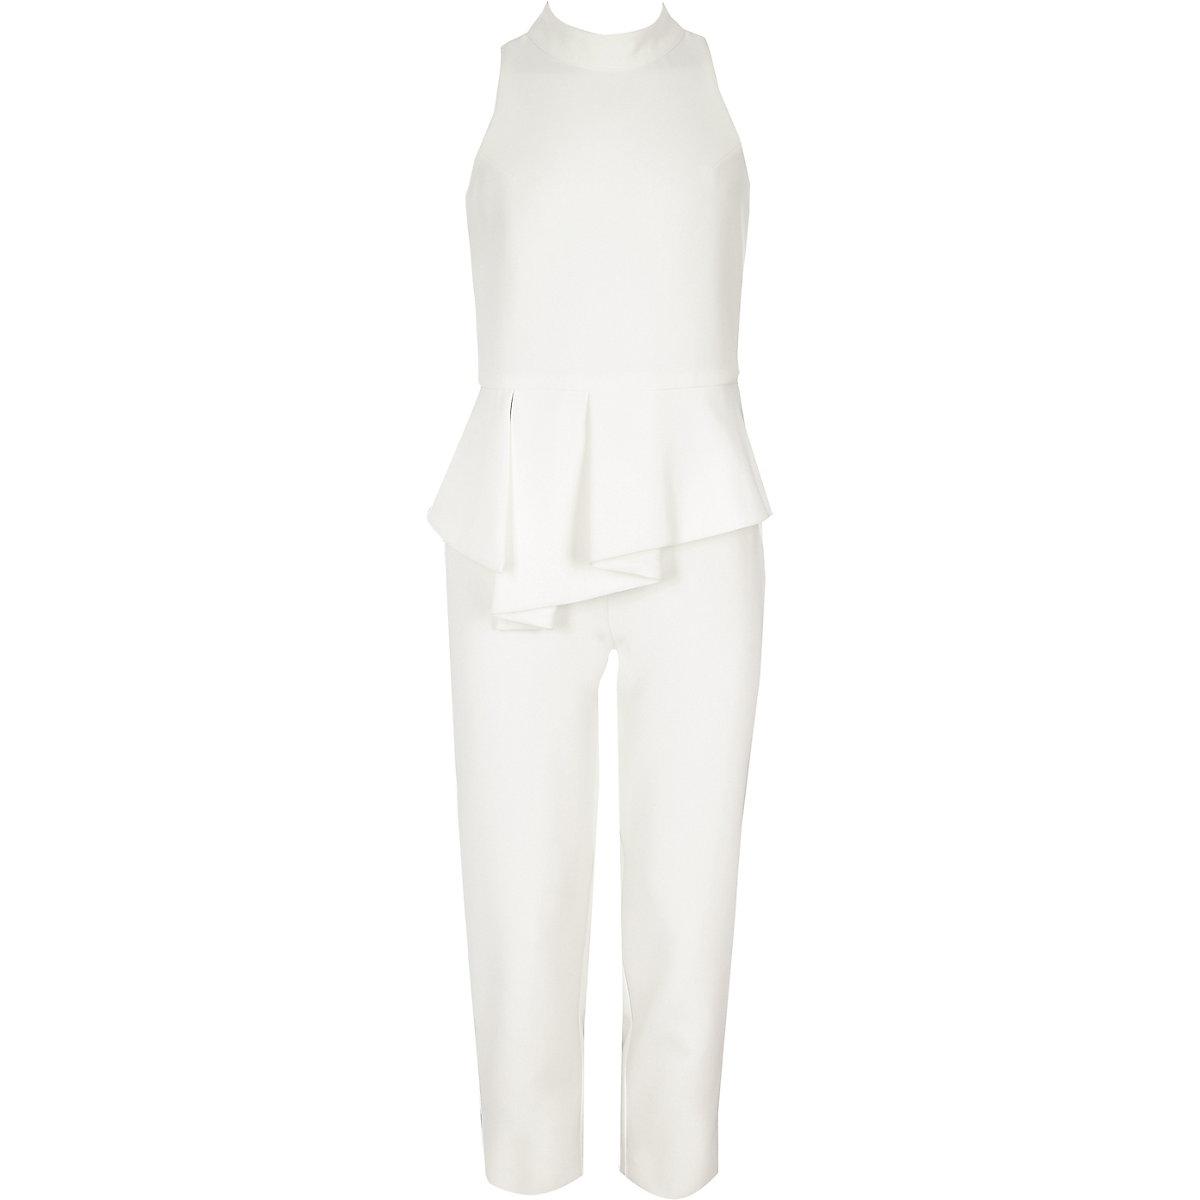 Girls white frill halter neck jumpsuit